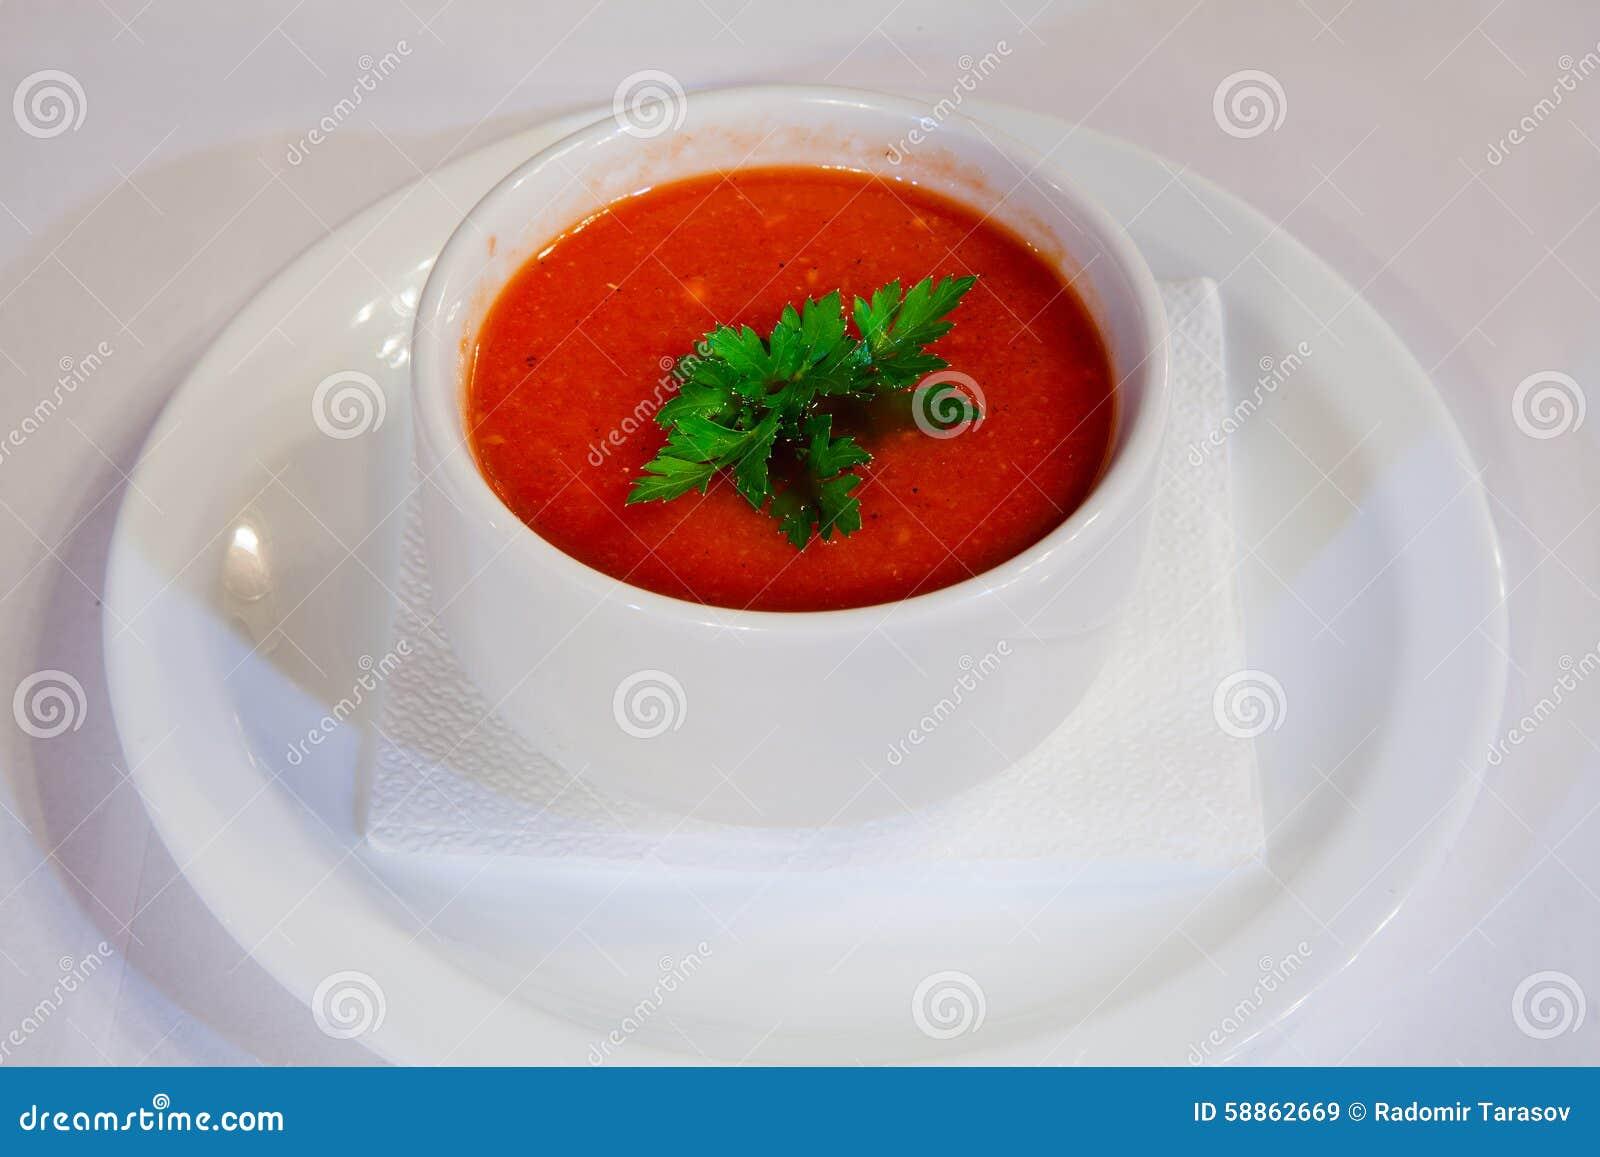 Raw Gazpacho Soup Tomato Soup In A Bowl ...